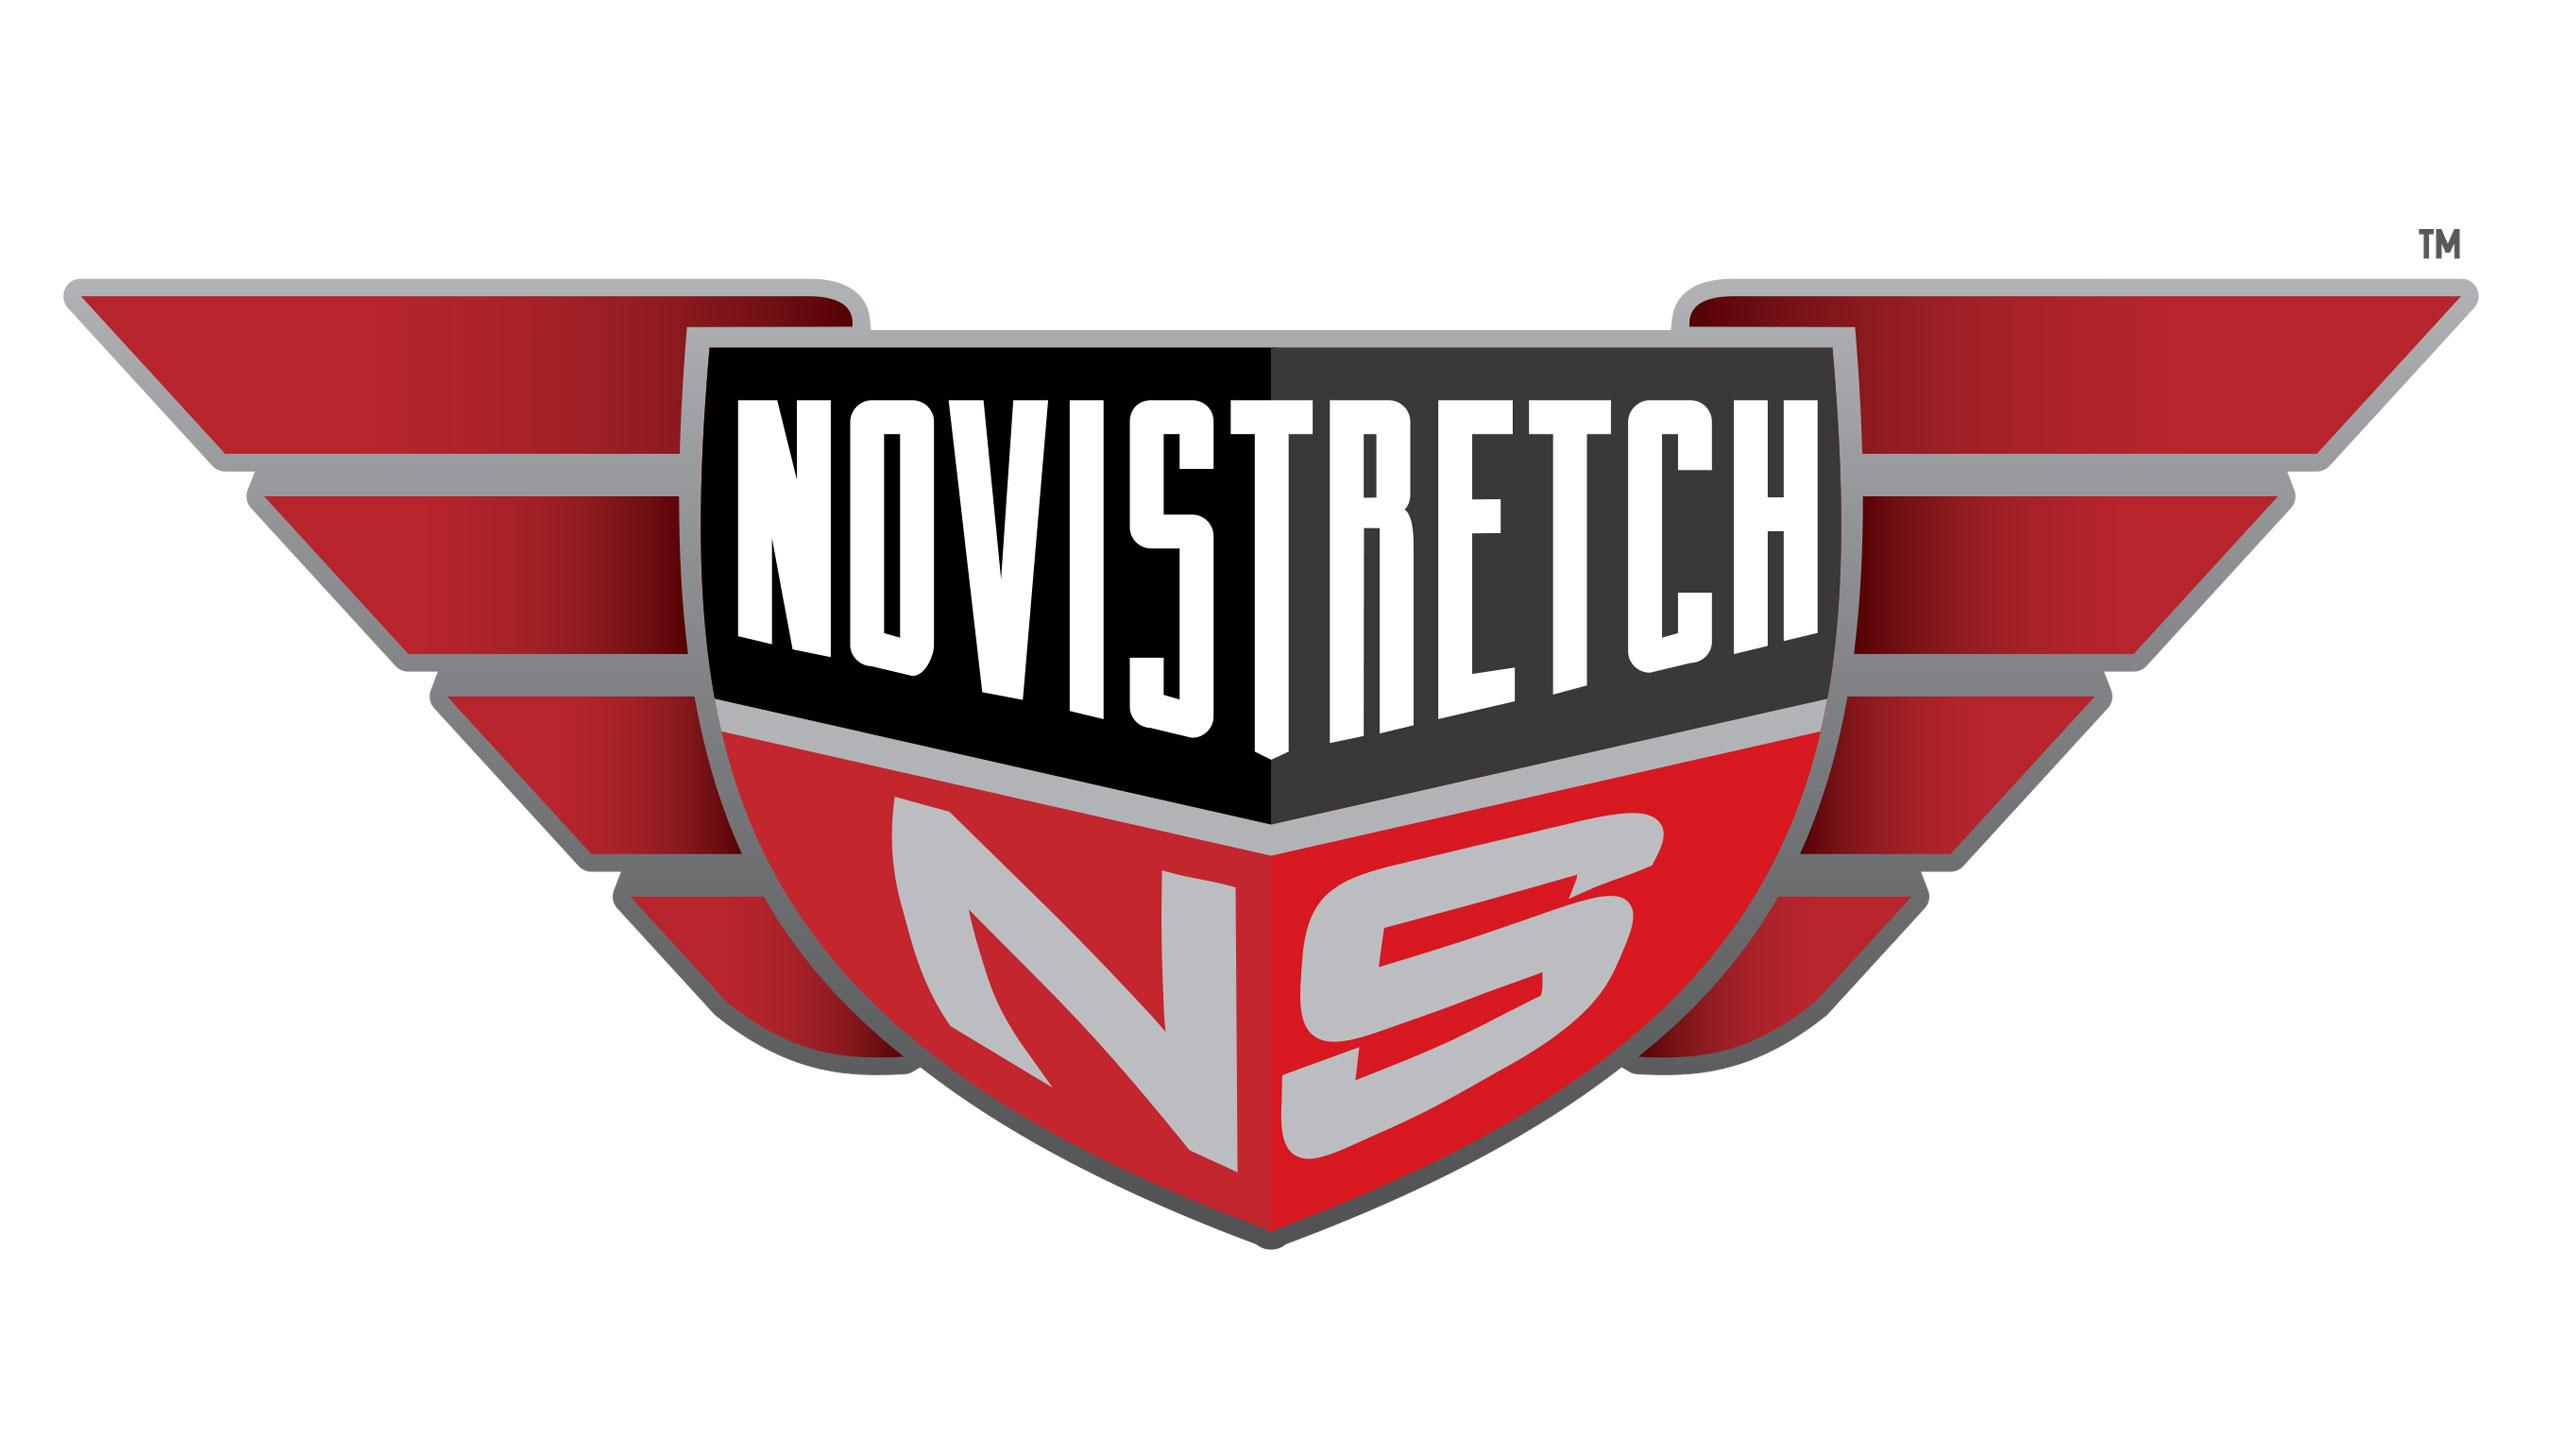 NoviStretch logo